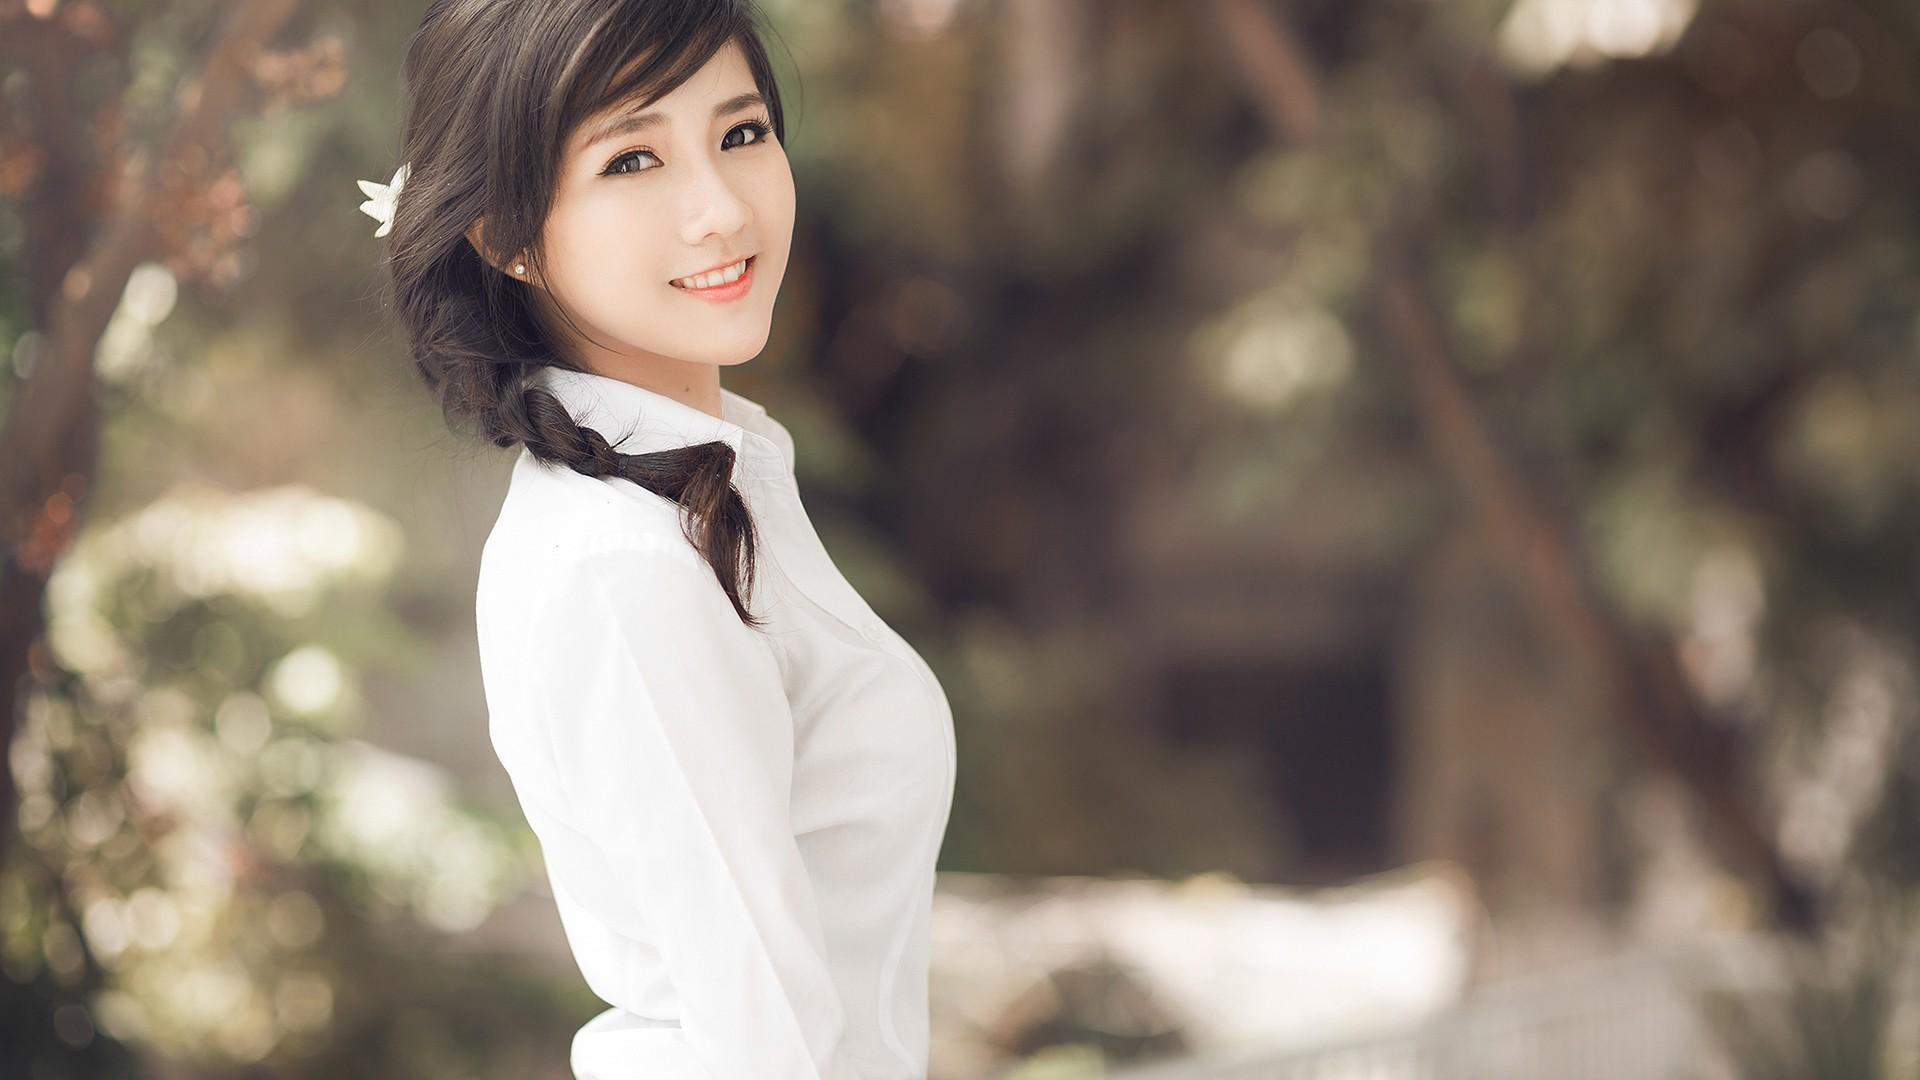 Hình ảnh cô gái dễ thương